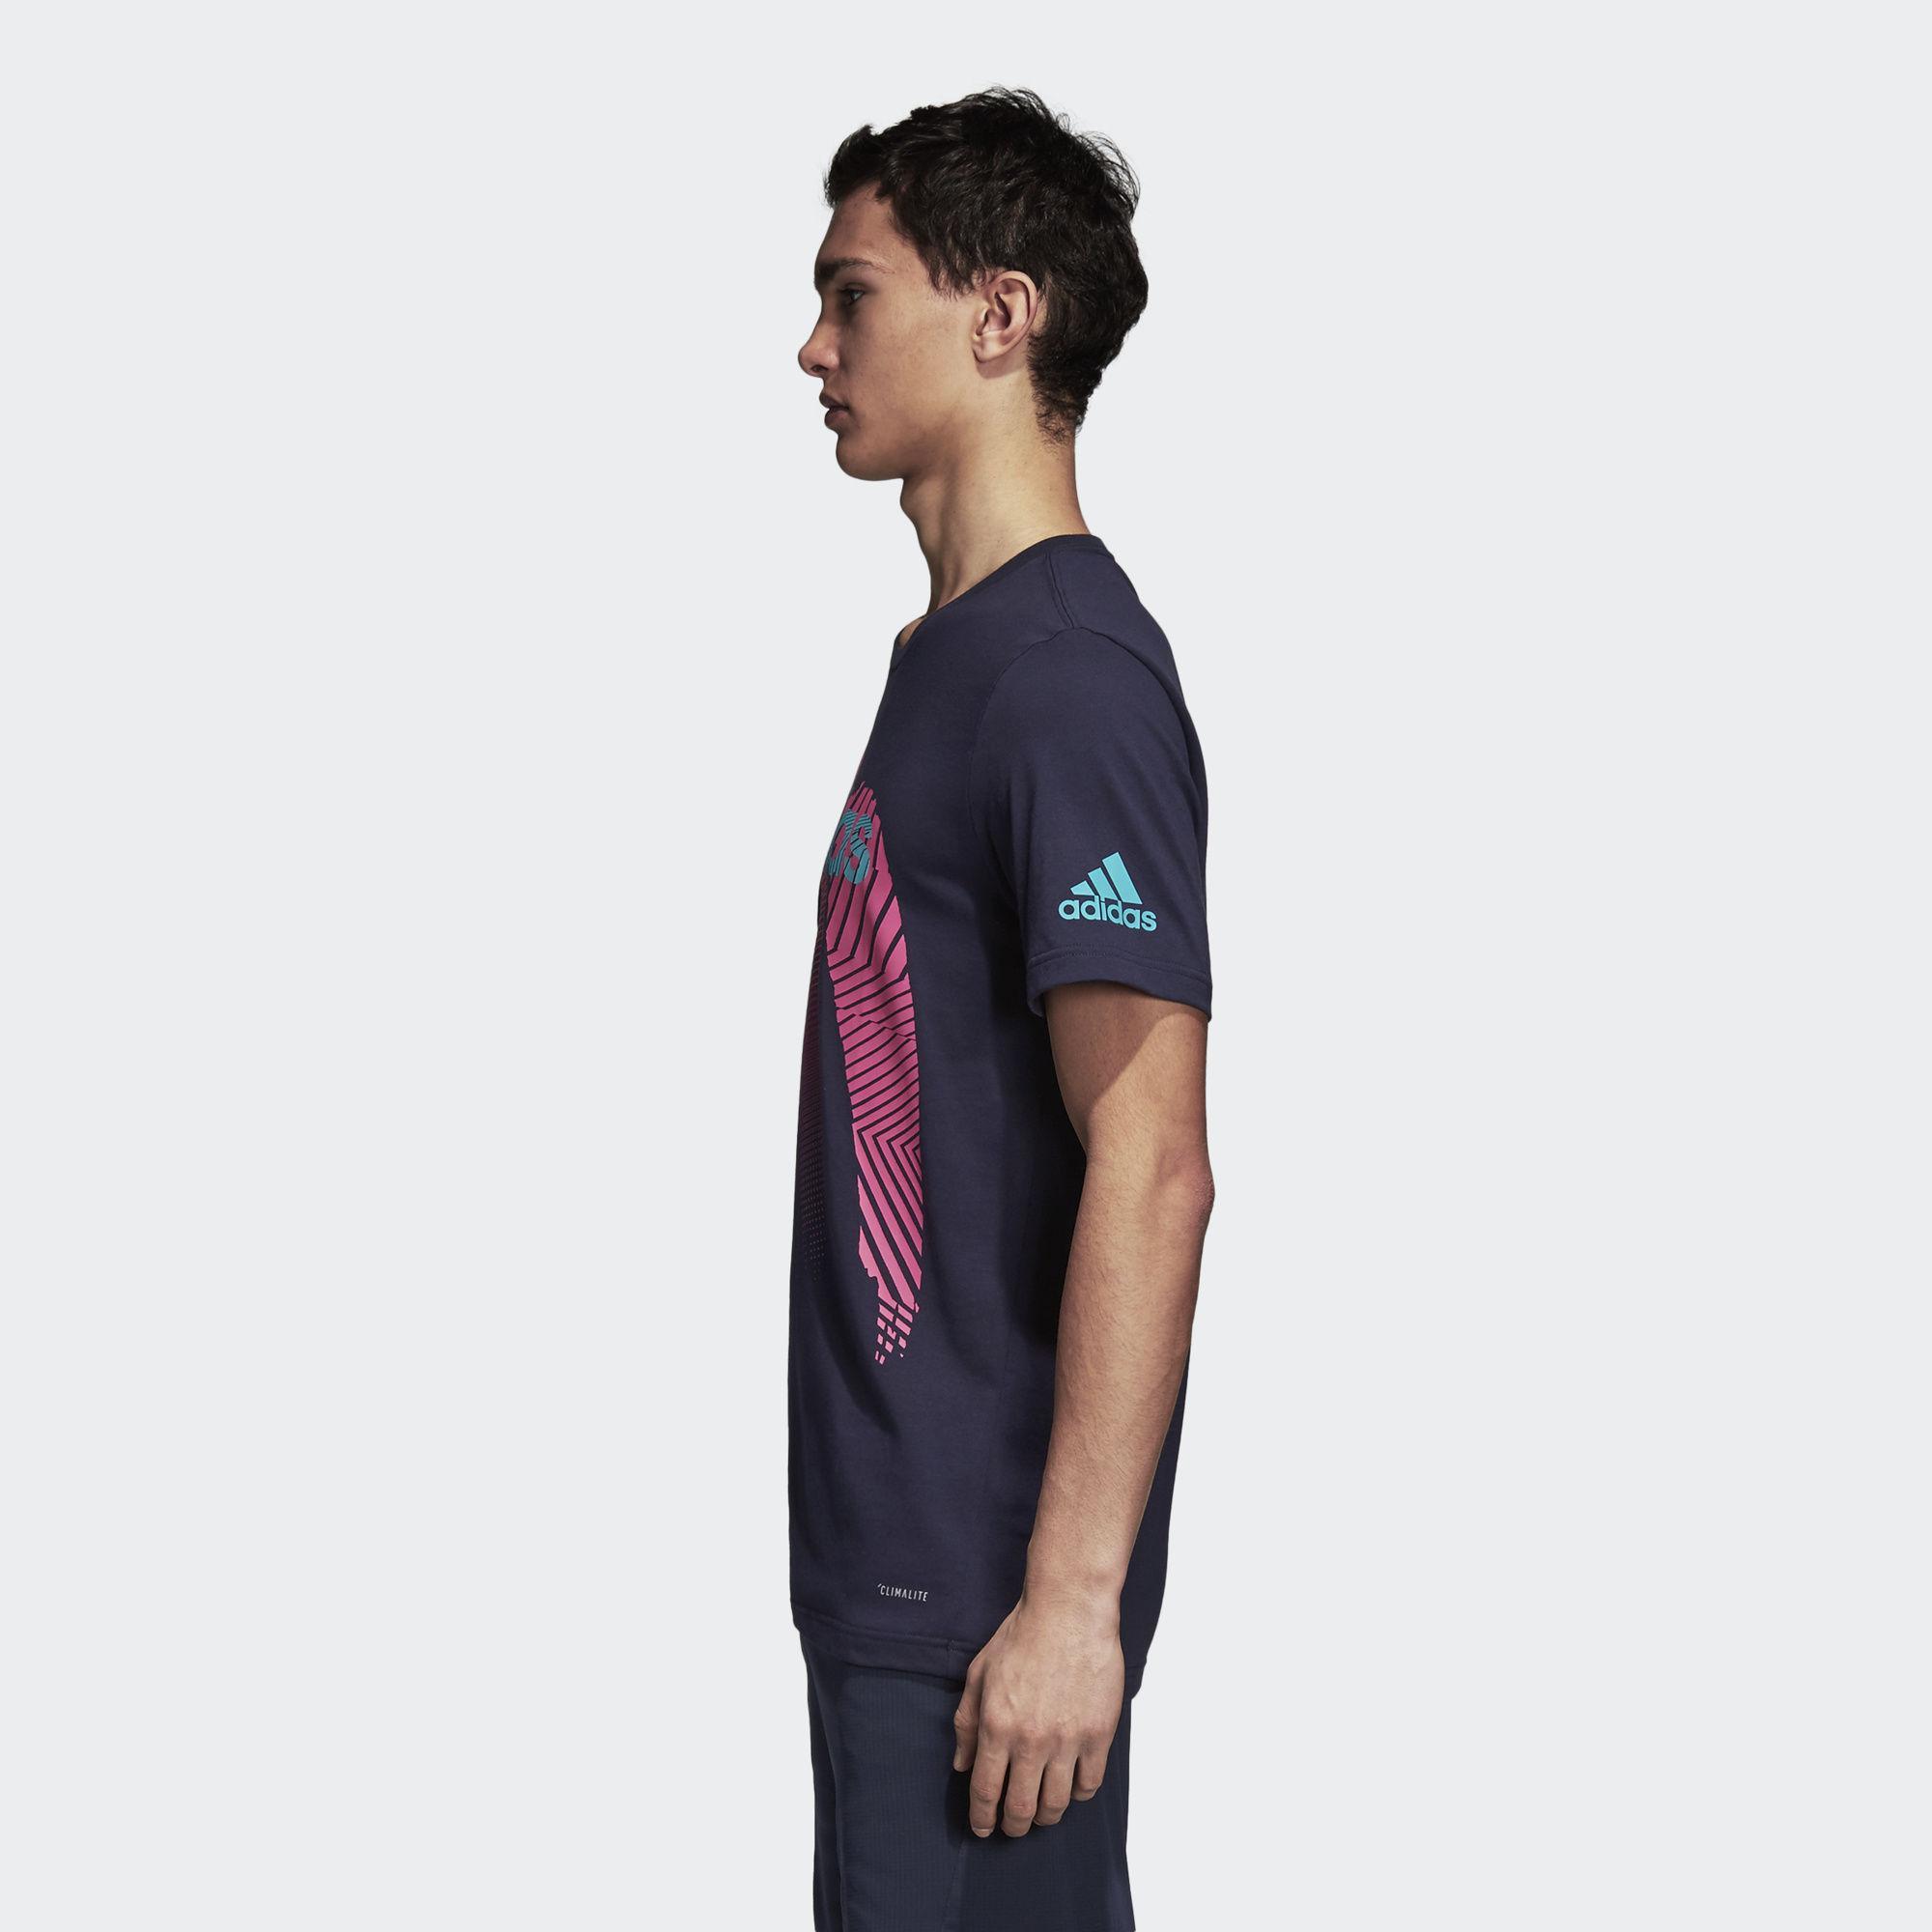 Legend Rule Ink Tee Adidas Season Mens 9 qPxwnX04